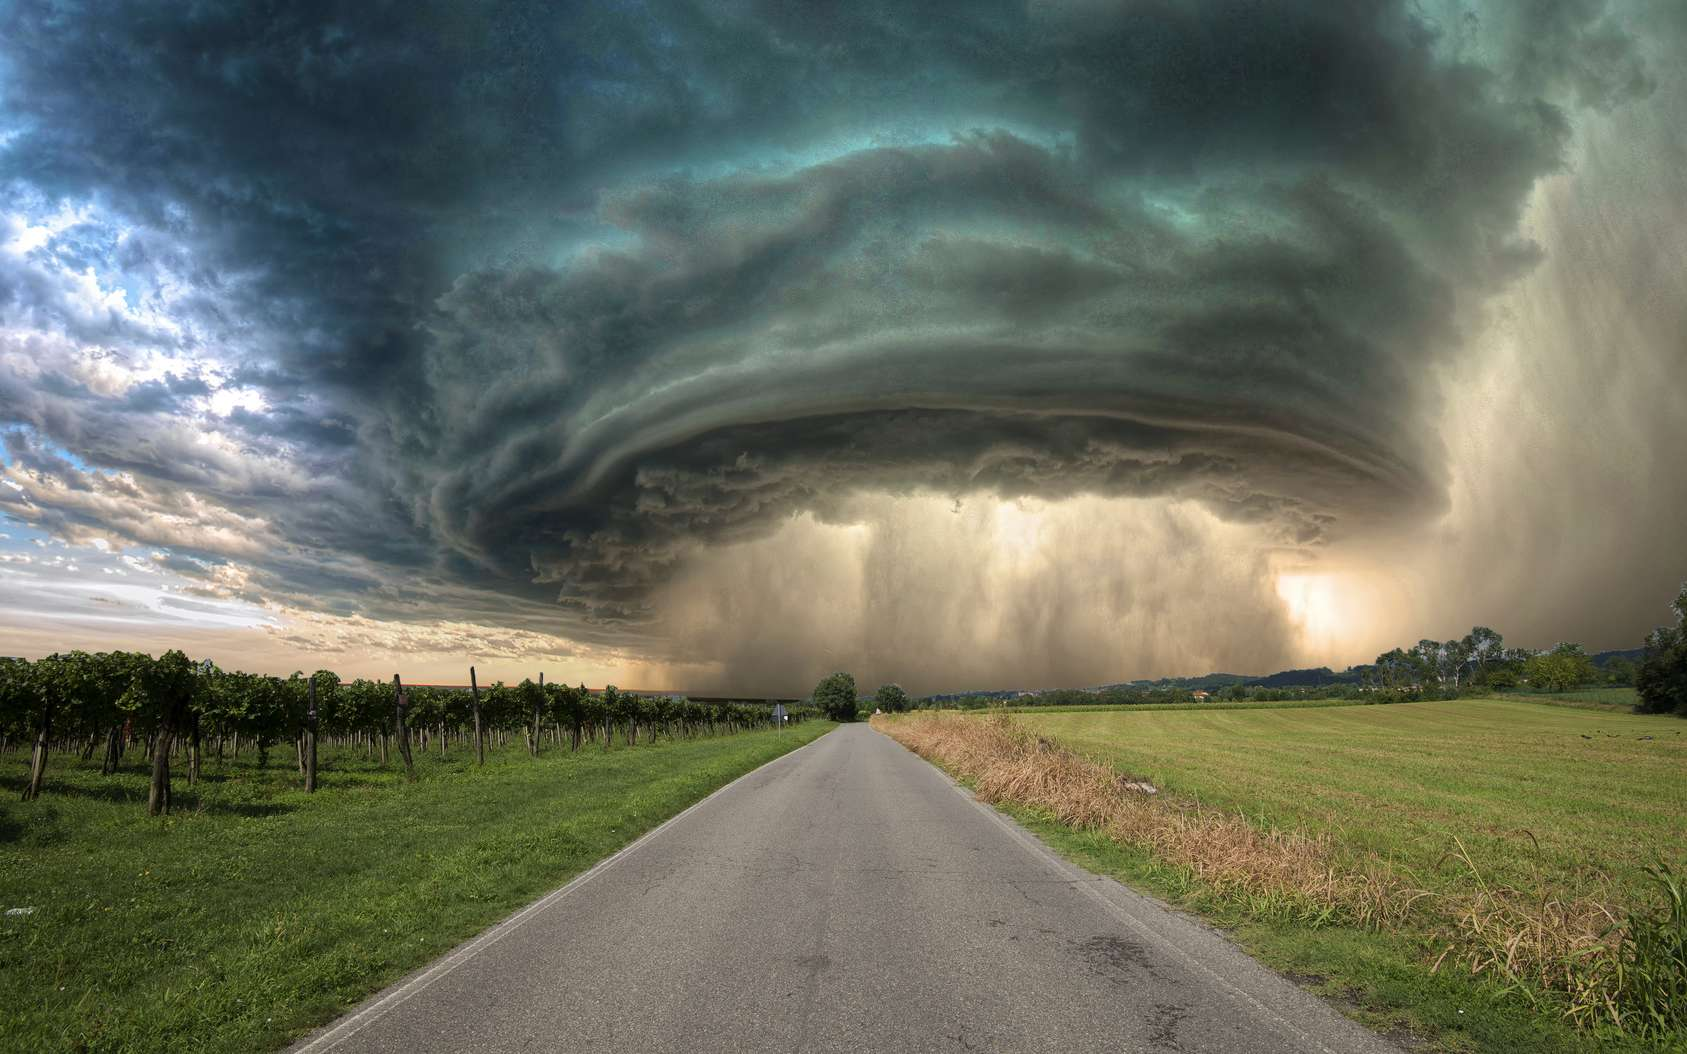 Comment se forme une tornade ? © alcatrax1981, fotolia